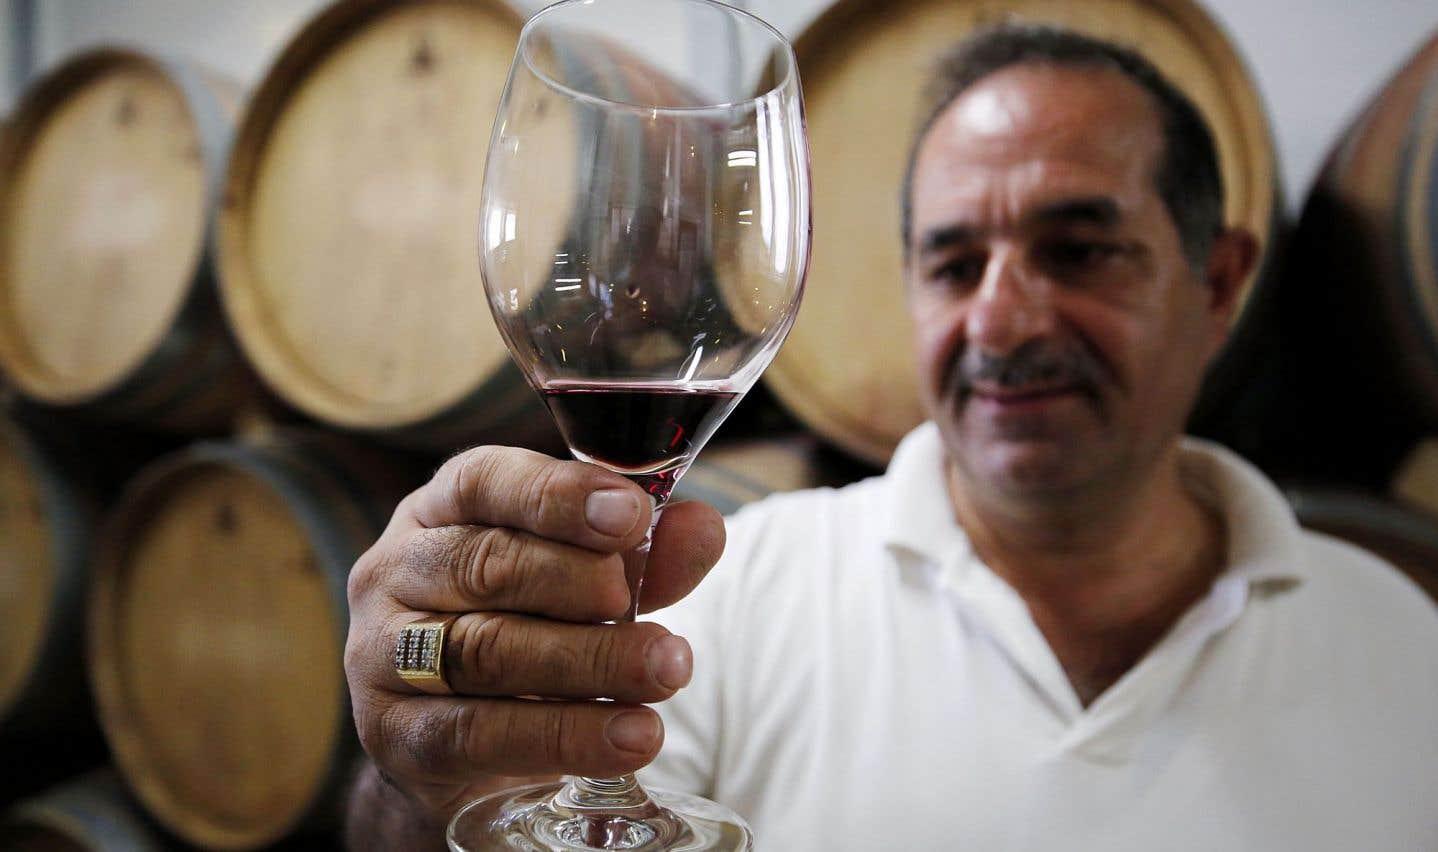 Nadim Khoury présente fièrement le résultat de son travail vinicole.